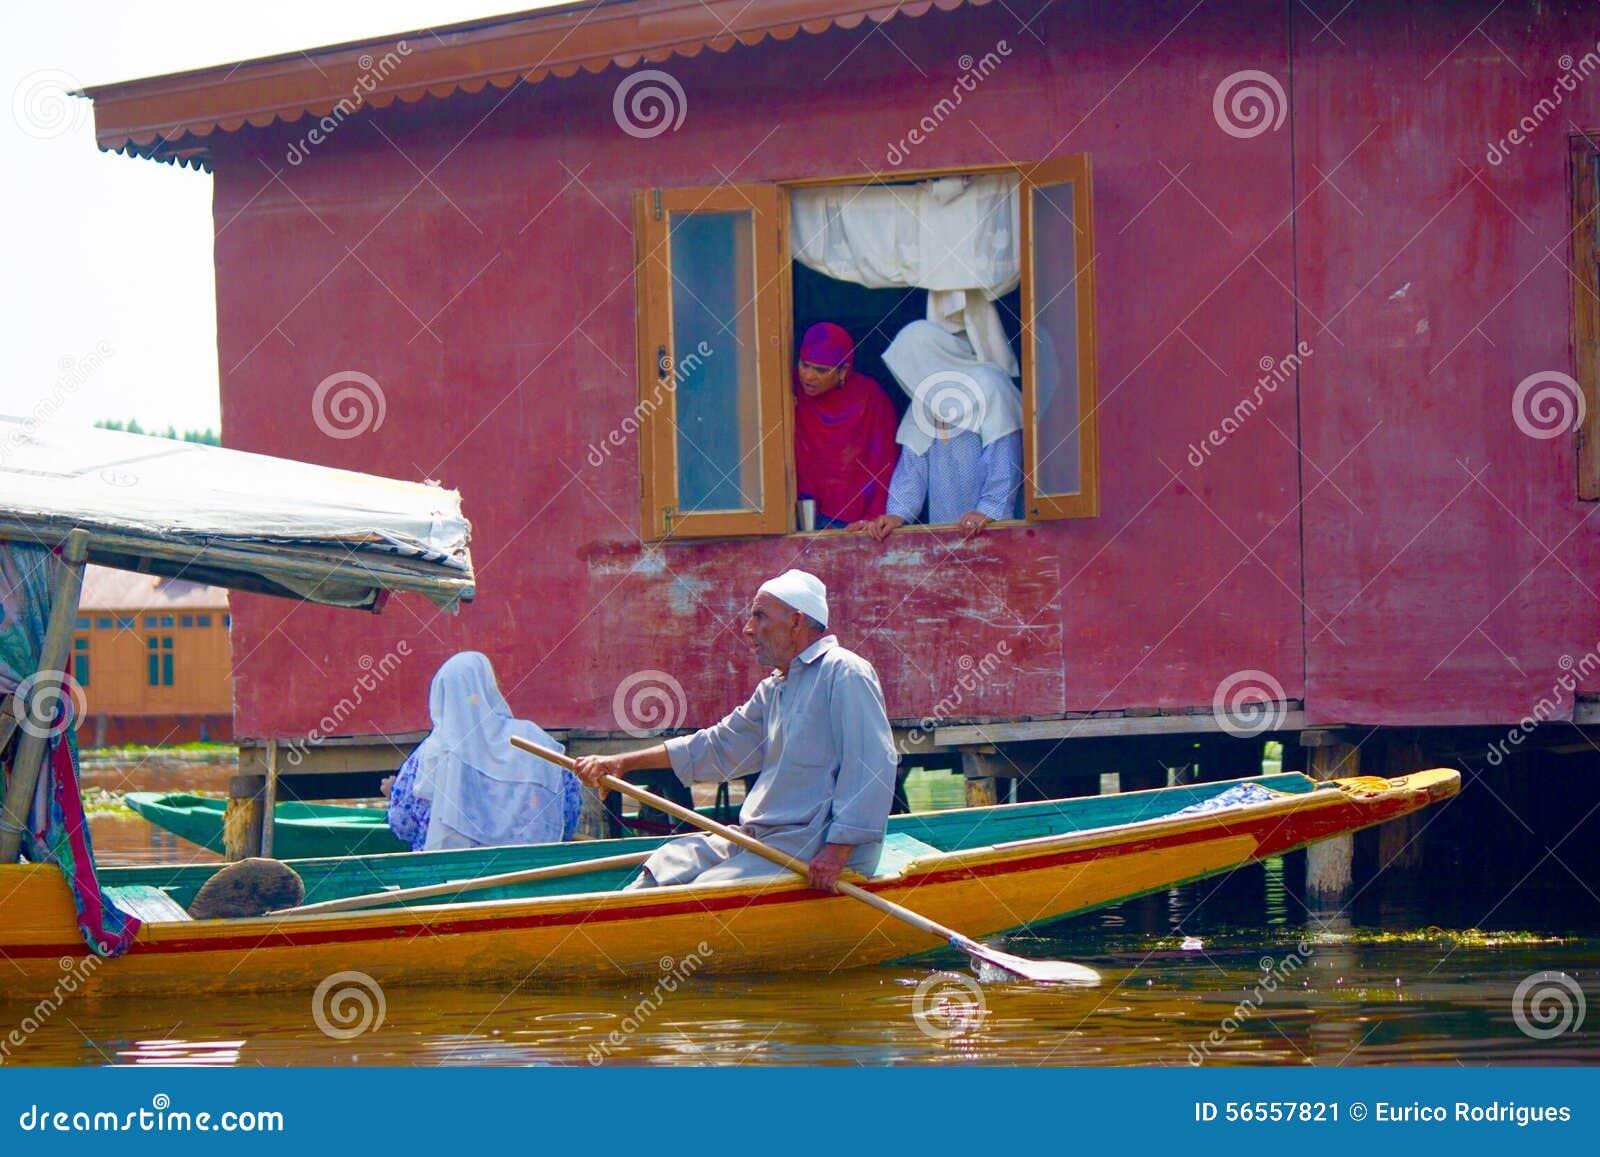 Download Καθημερινή ζωή στη λίμνη DAL στο Κασμίρ Ινδία Εκδοτική Εικόνες - εικόνα από λίμνη, σειρές: 56557821